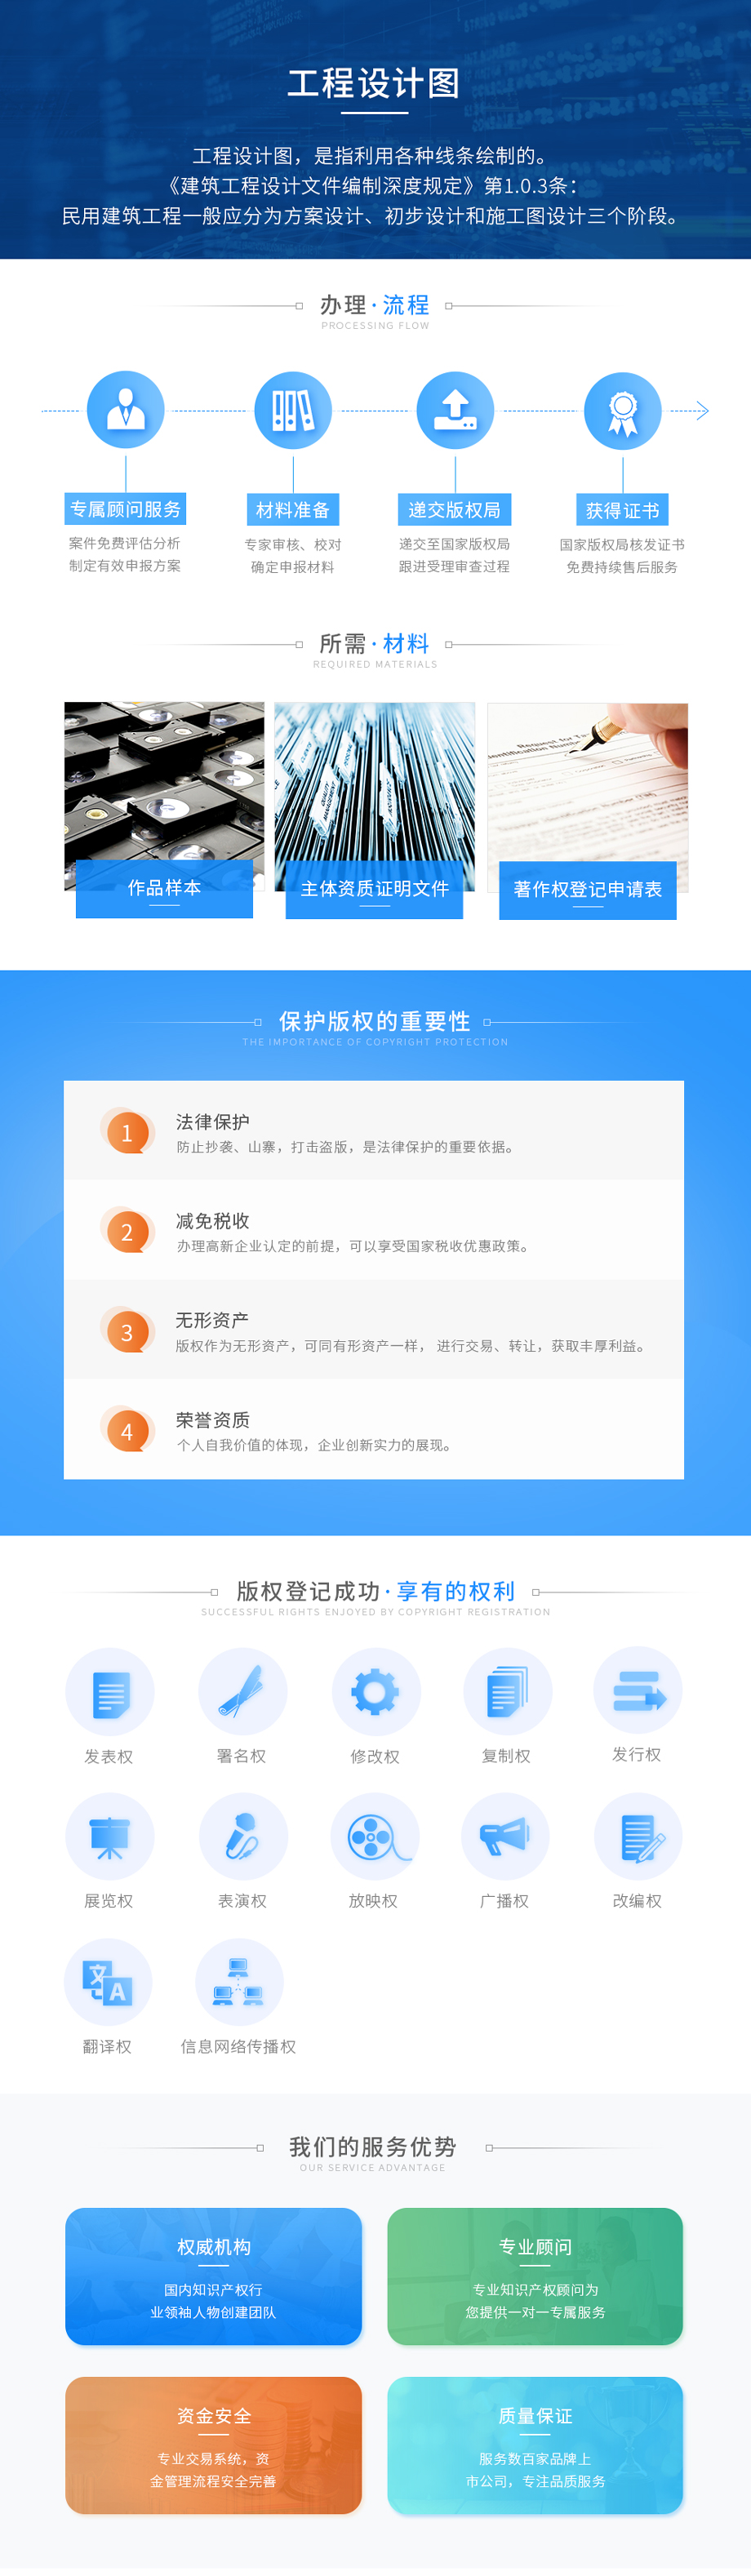 工程设计图著作权登记_01.jpg